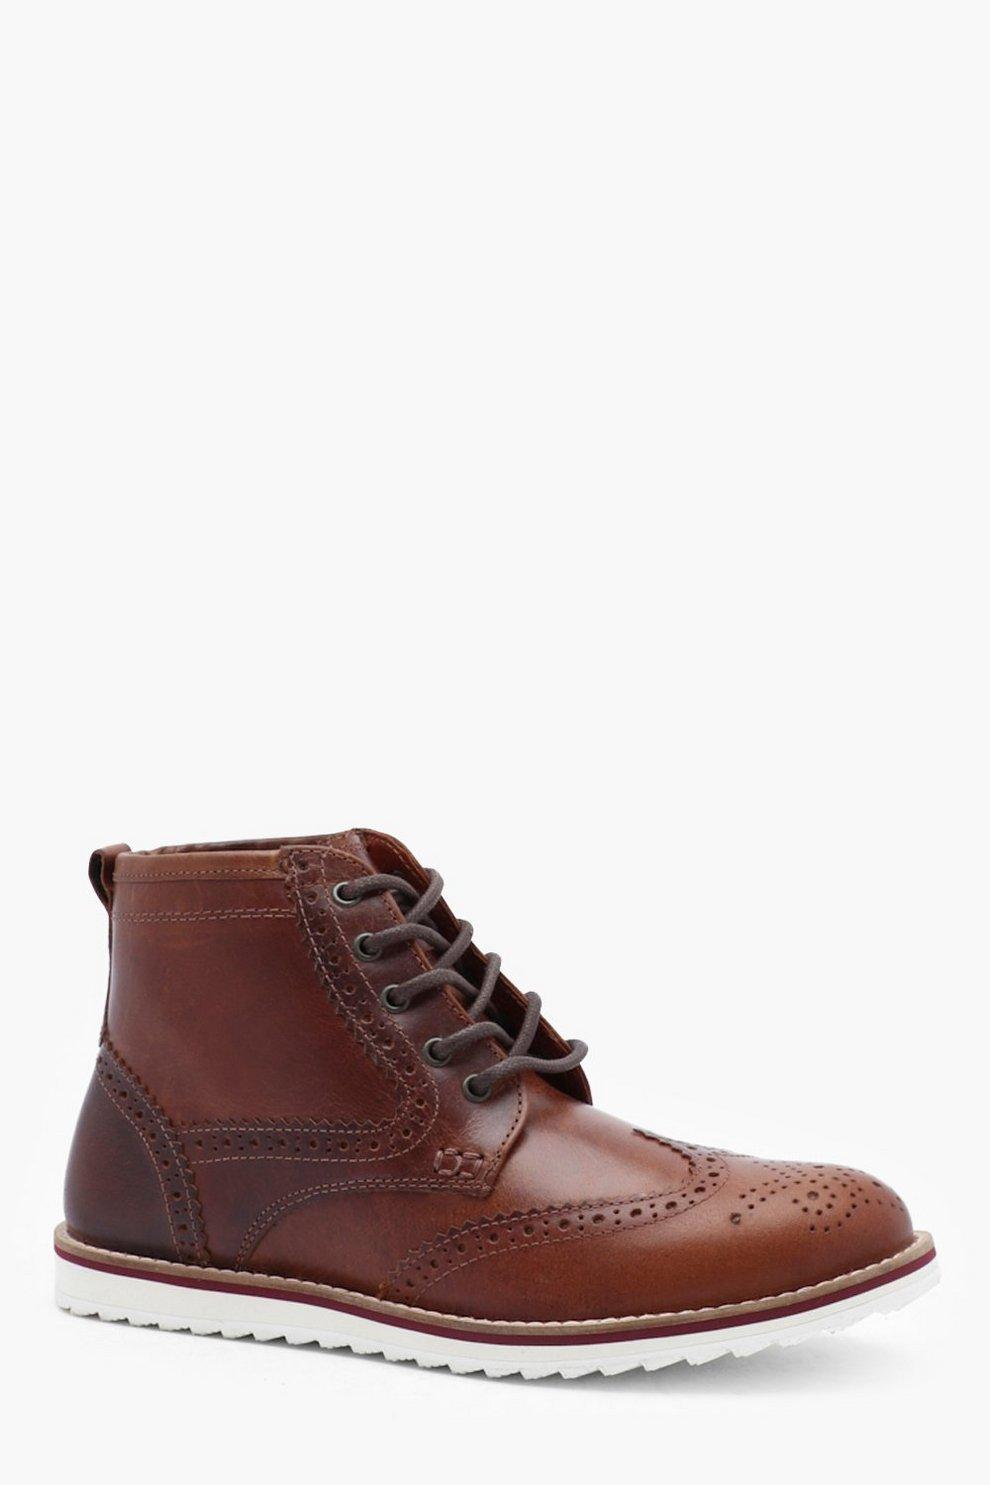 wholesale dealer f05a5 496b5 Stiefel aus echtem Leder mit weißer Sohle zum Schnüren   Boohoo